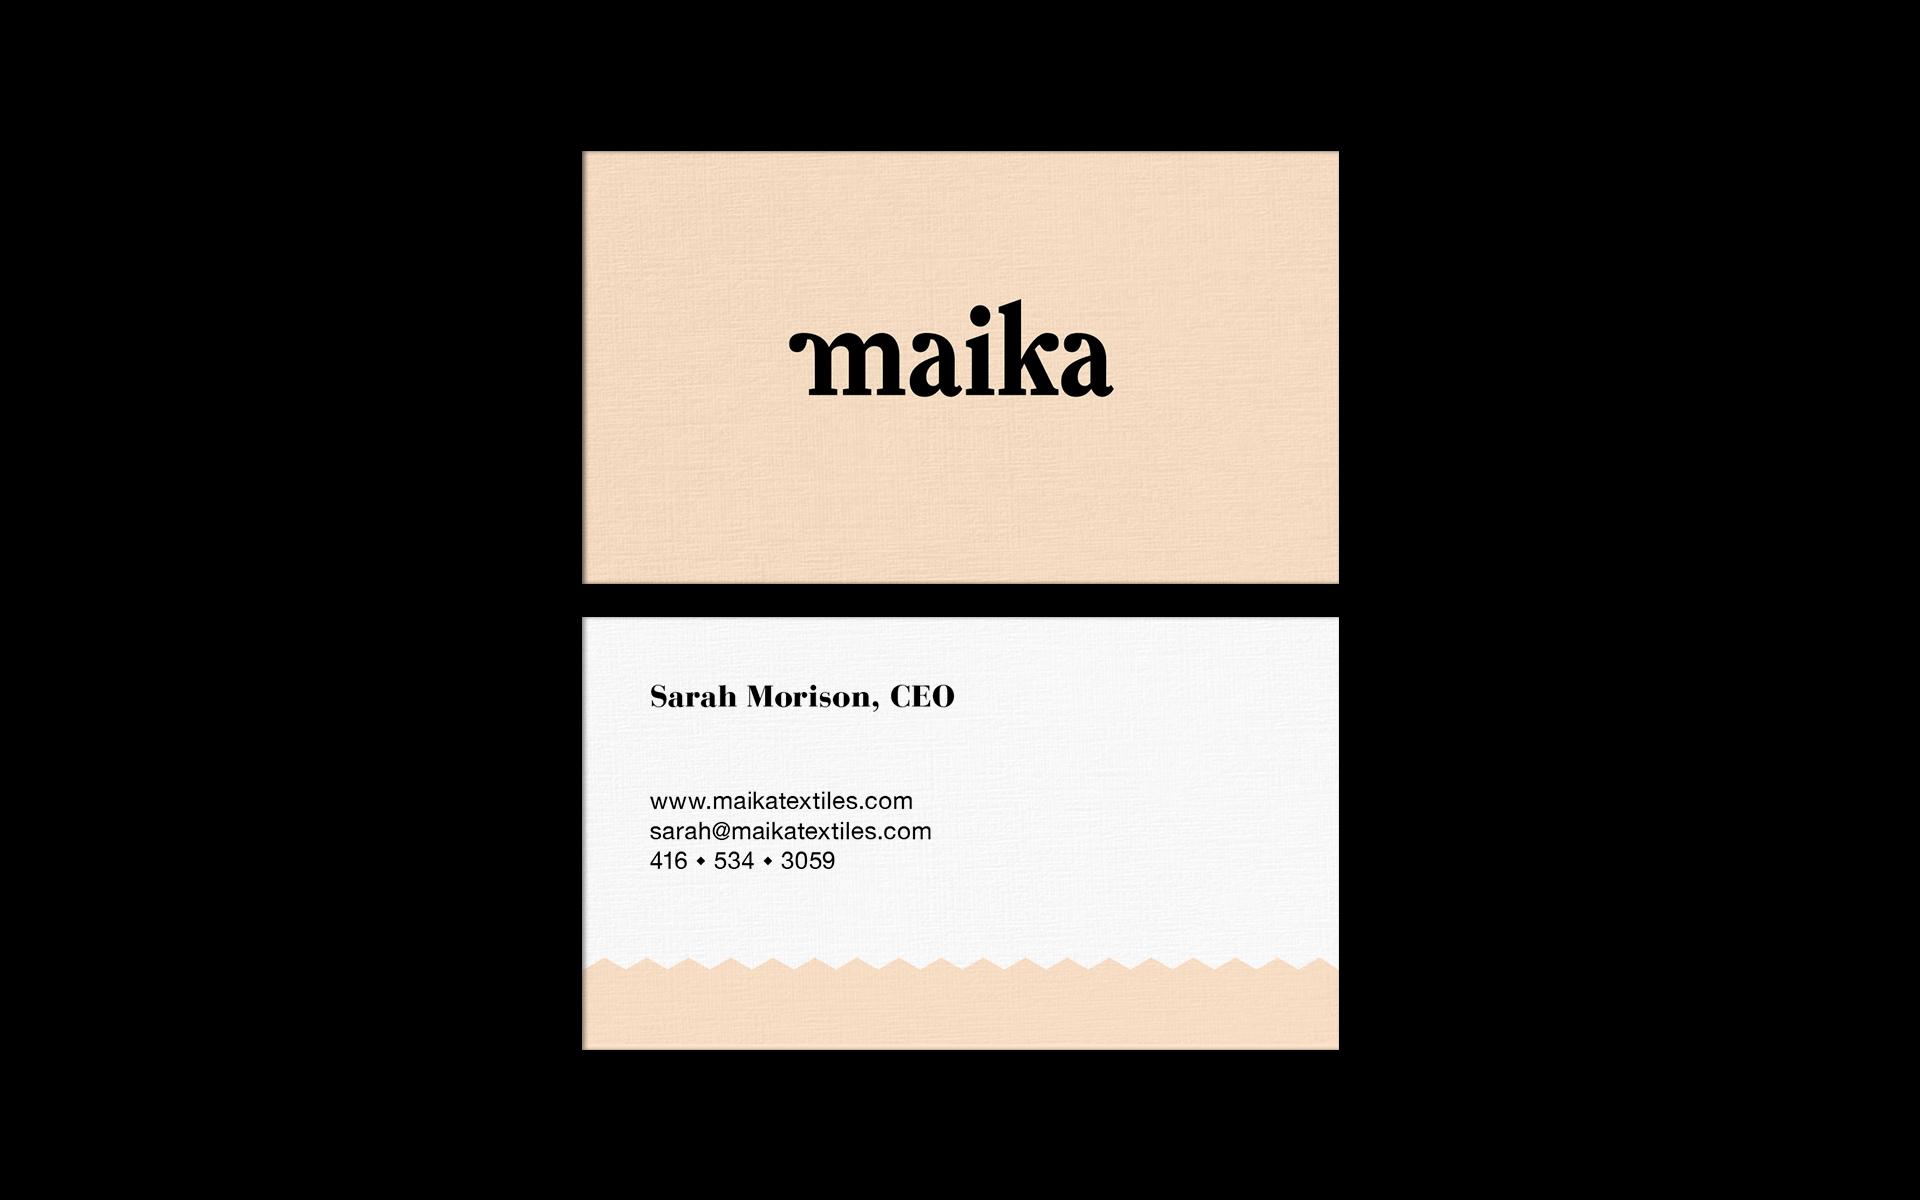 Maika_v02Business-Cards